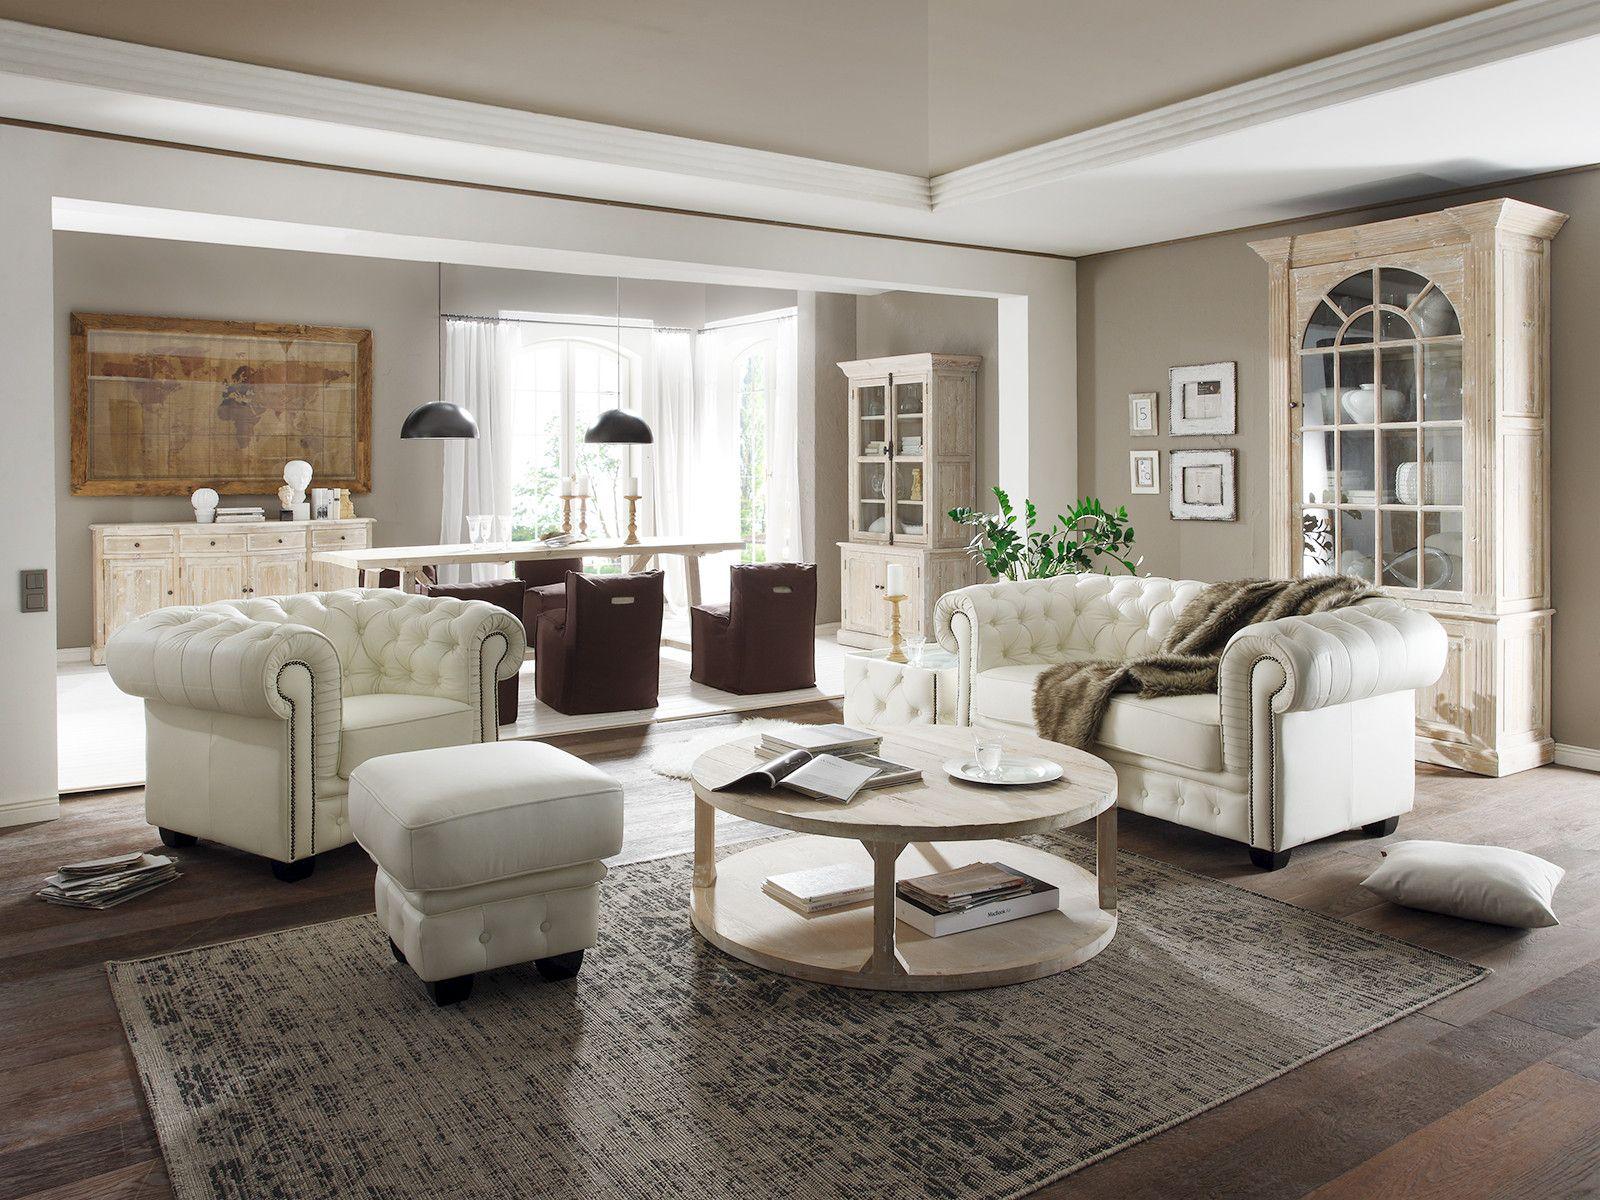 Chesterfield wei von home styling - Chesterfield wohnzimmer ...